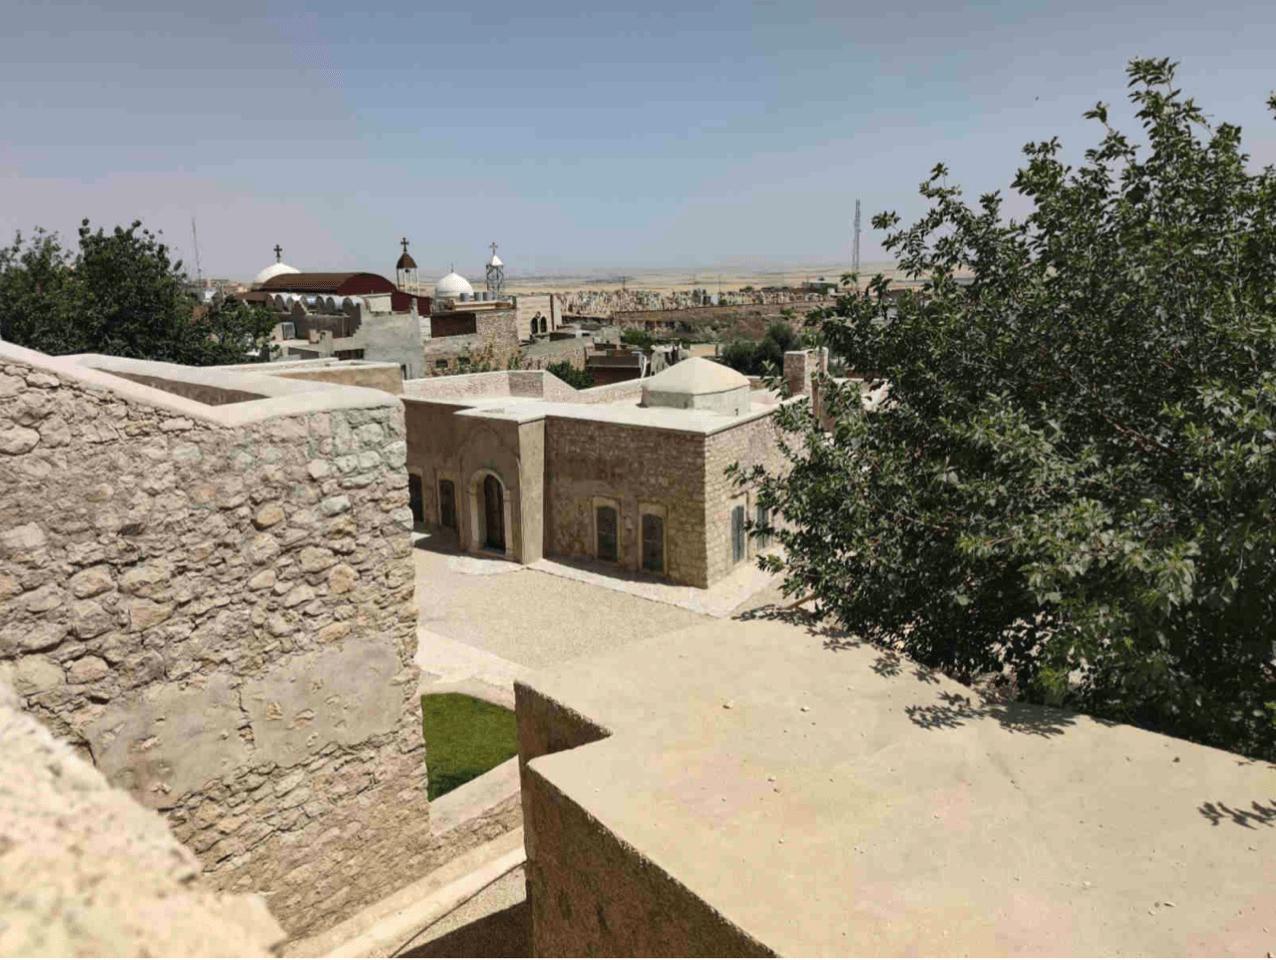 מתחם קבר אחרי השחזור, לצד כנסייה ומסגד בעיר אלקוש, עיראק (צילום: אדם טיפן)